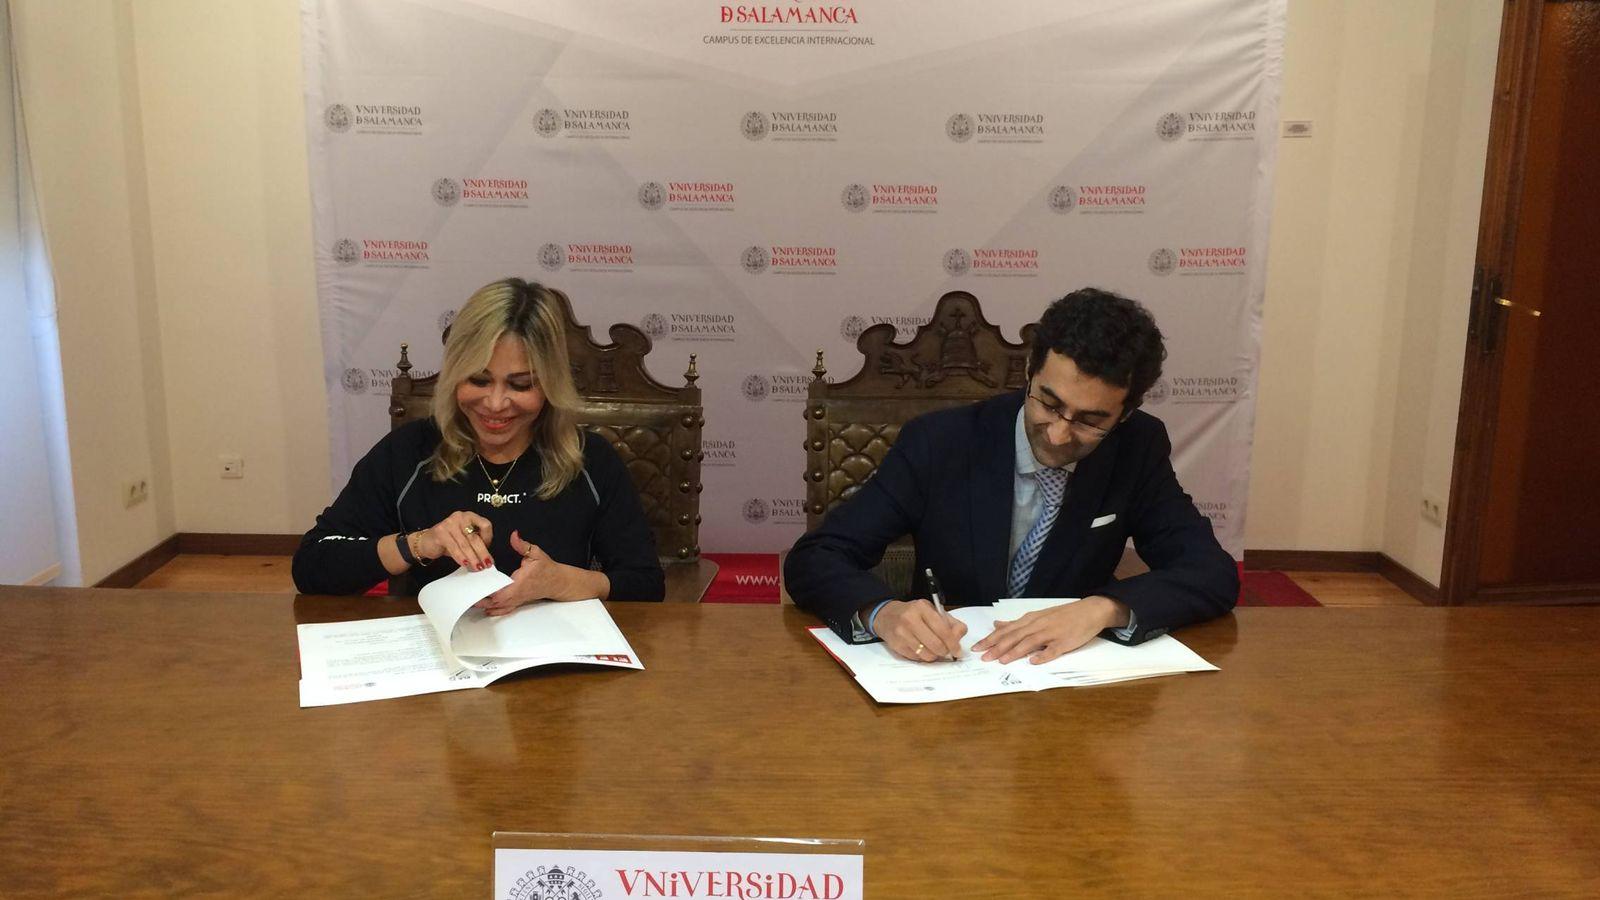 Foto: Firma del acuerdo para abrir la franquicia en Florida (Universidad de Salamanca)